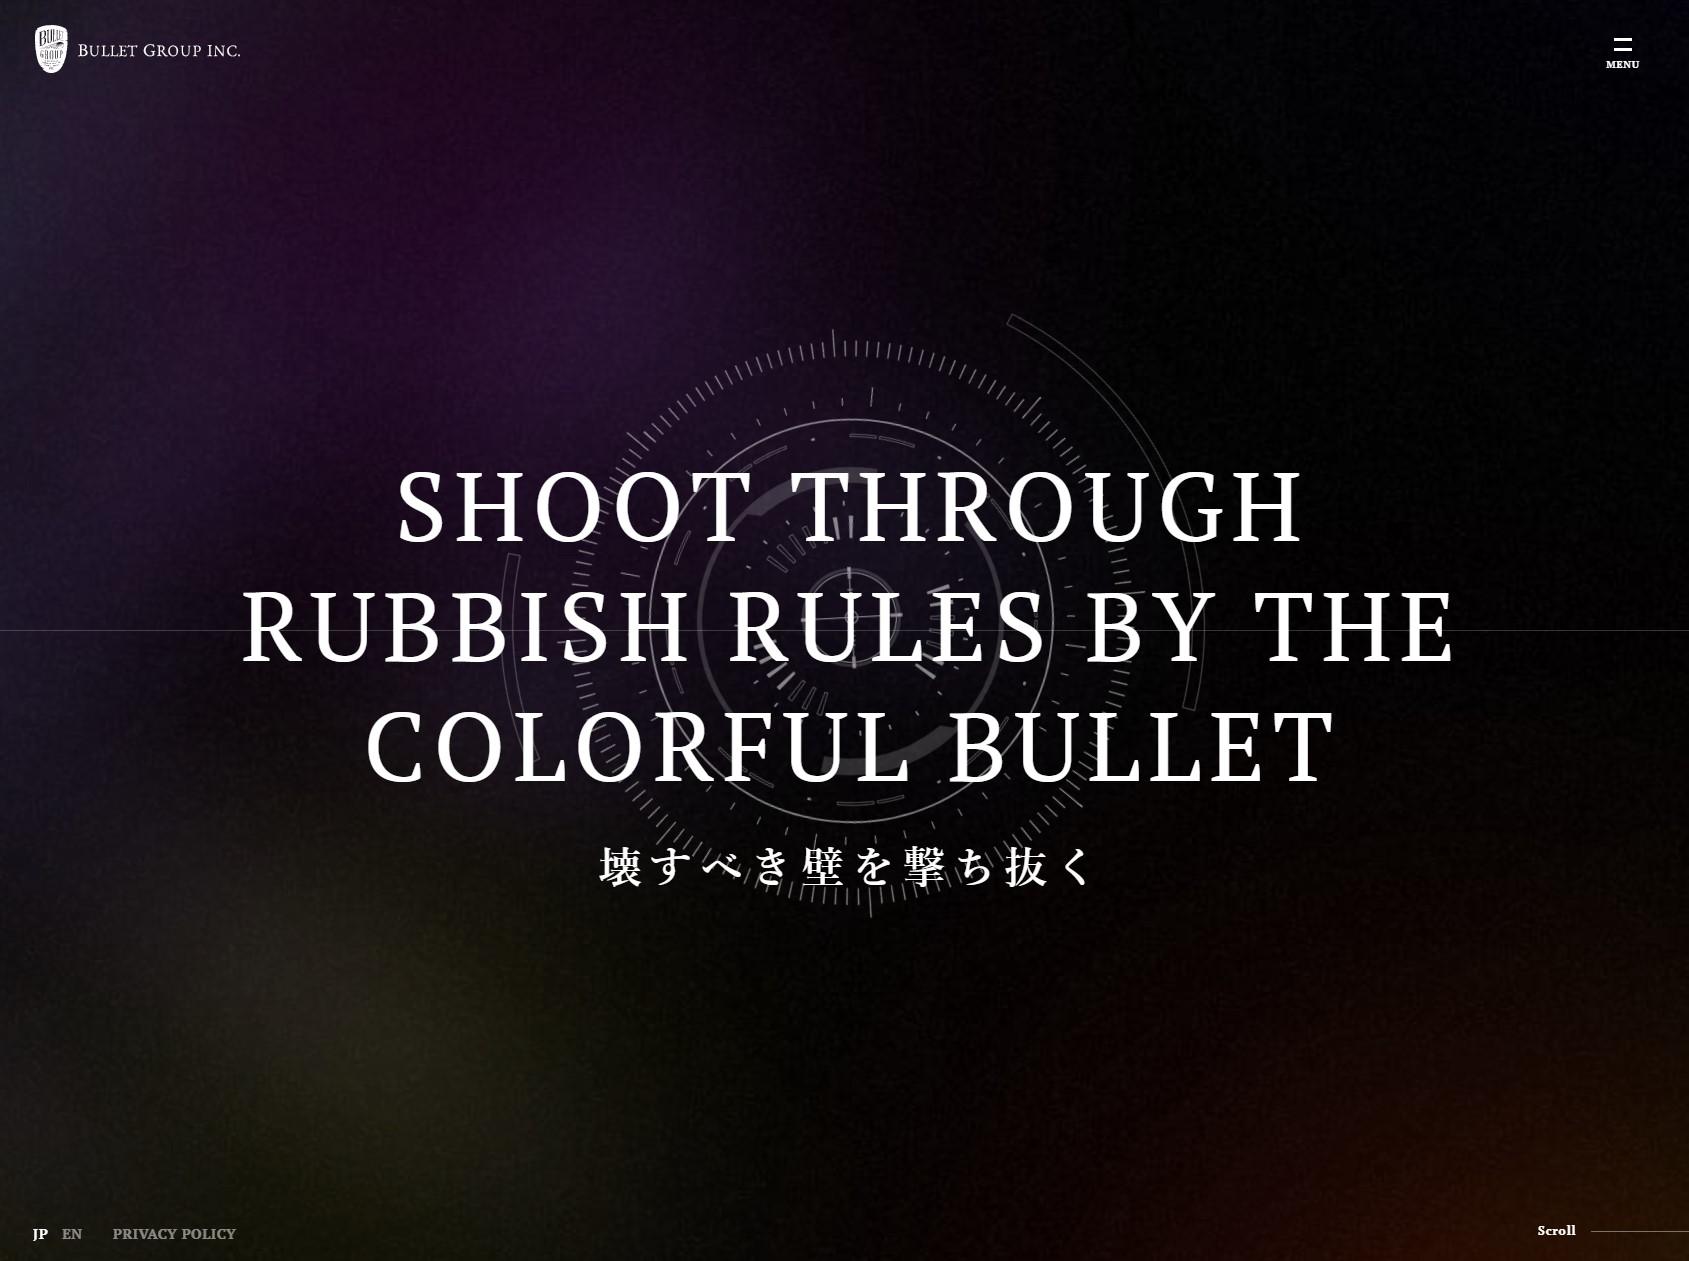 バレットグループ株式会社/Bullet Group Inc.